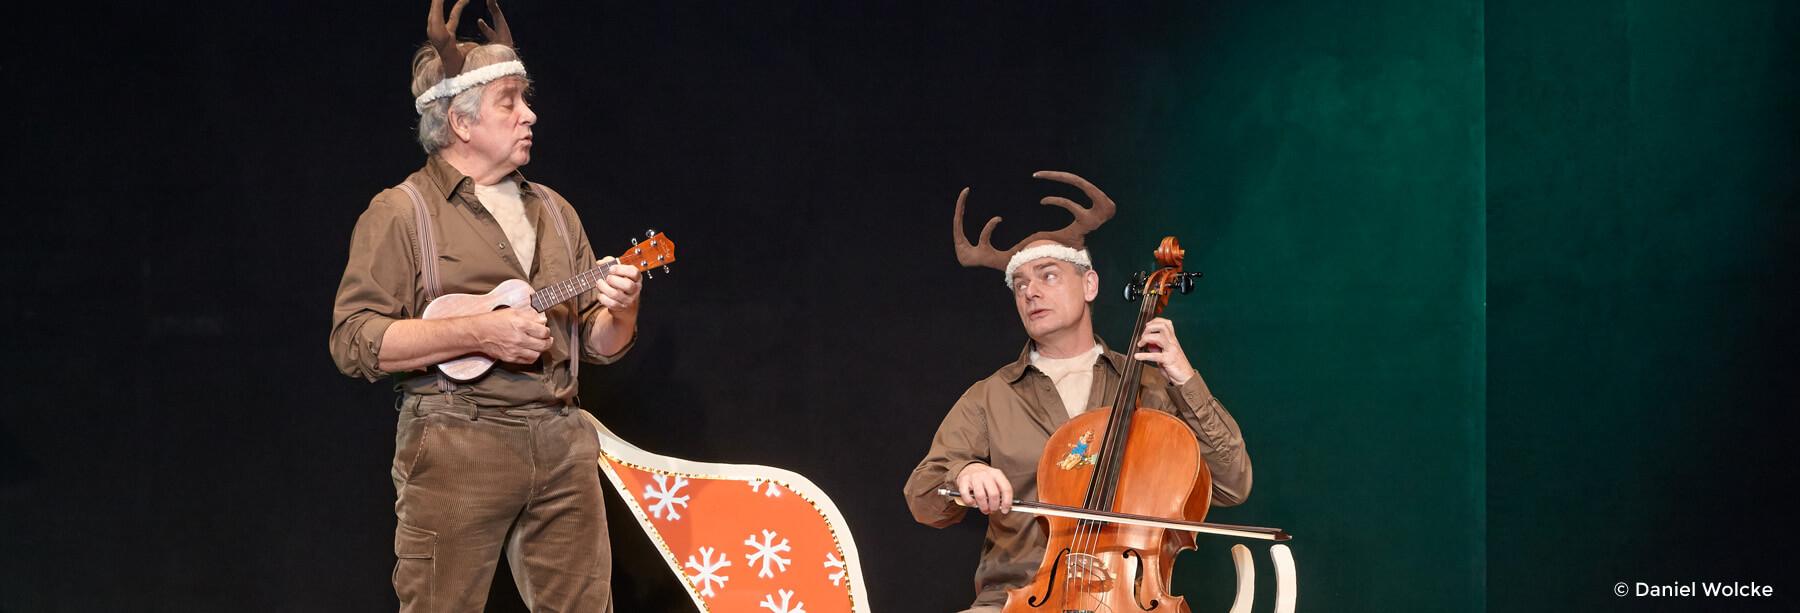 Peter Markhoff und Uwe Schade spielen Ukulele und Cello.